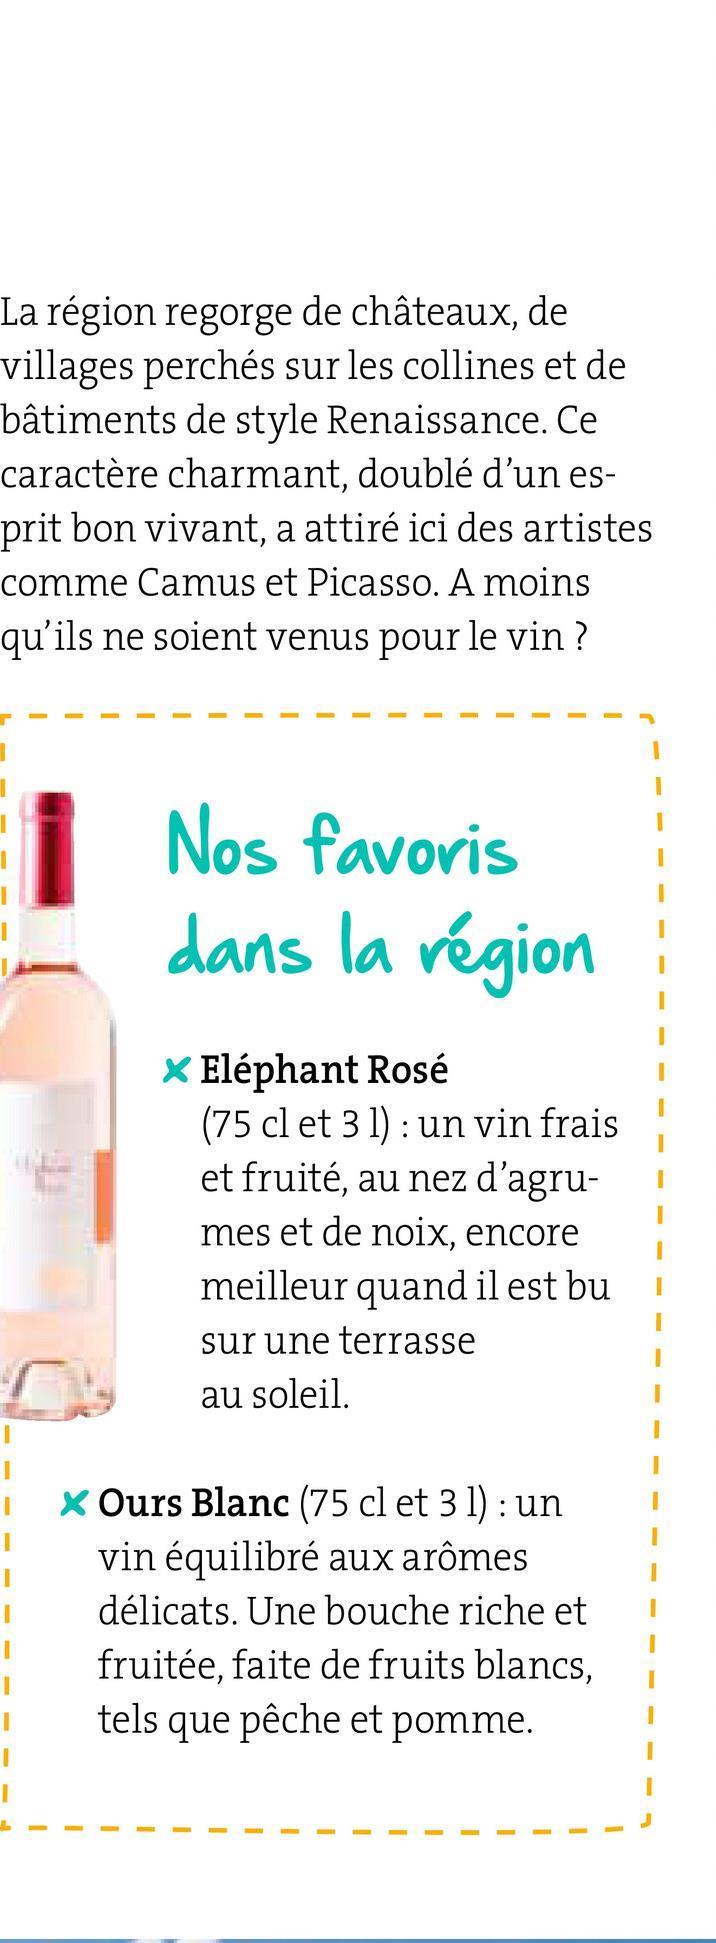 La région regorge de châteaux, de villages perchés sur les collines et de bâtiments de style Renaissance. Ce caractère charmant, doublé d'un es- prit bon vivant, a attiré ici des artistes comme Camus et Picasso. A moins qu'ils ne soient venus pour le vin? --------- - - - - - - - - Nos favoris dans la région * Eléphant Rosé (75 cl et 3 1) : un vin frais et fruité, au nez d'agru- mes et de noix, encore meilleur quand il est bui sur une terrasse au soleil. * Ours Blanc (75 cl et 3 l): un vin équilibré aux arômes délicats. Une bouche riche et fruitée, faite de fruits blancs, tels que pêche et pomme. - - - - - - - - - - - - - -